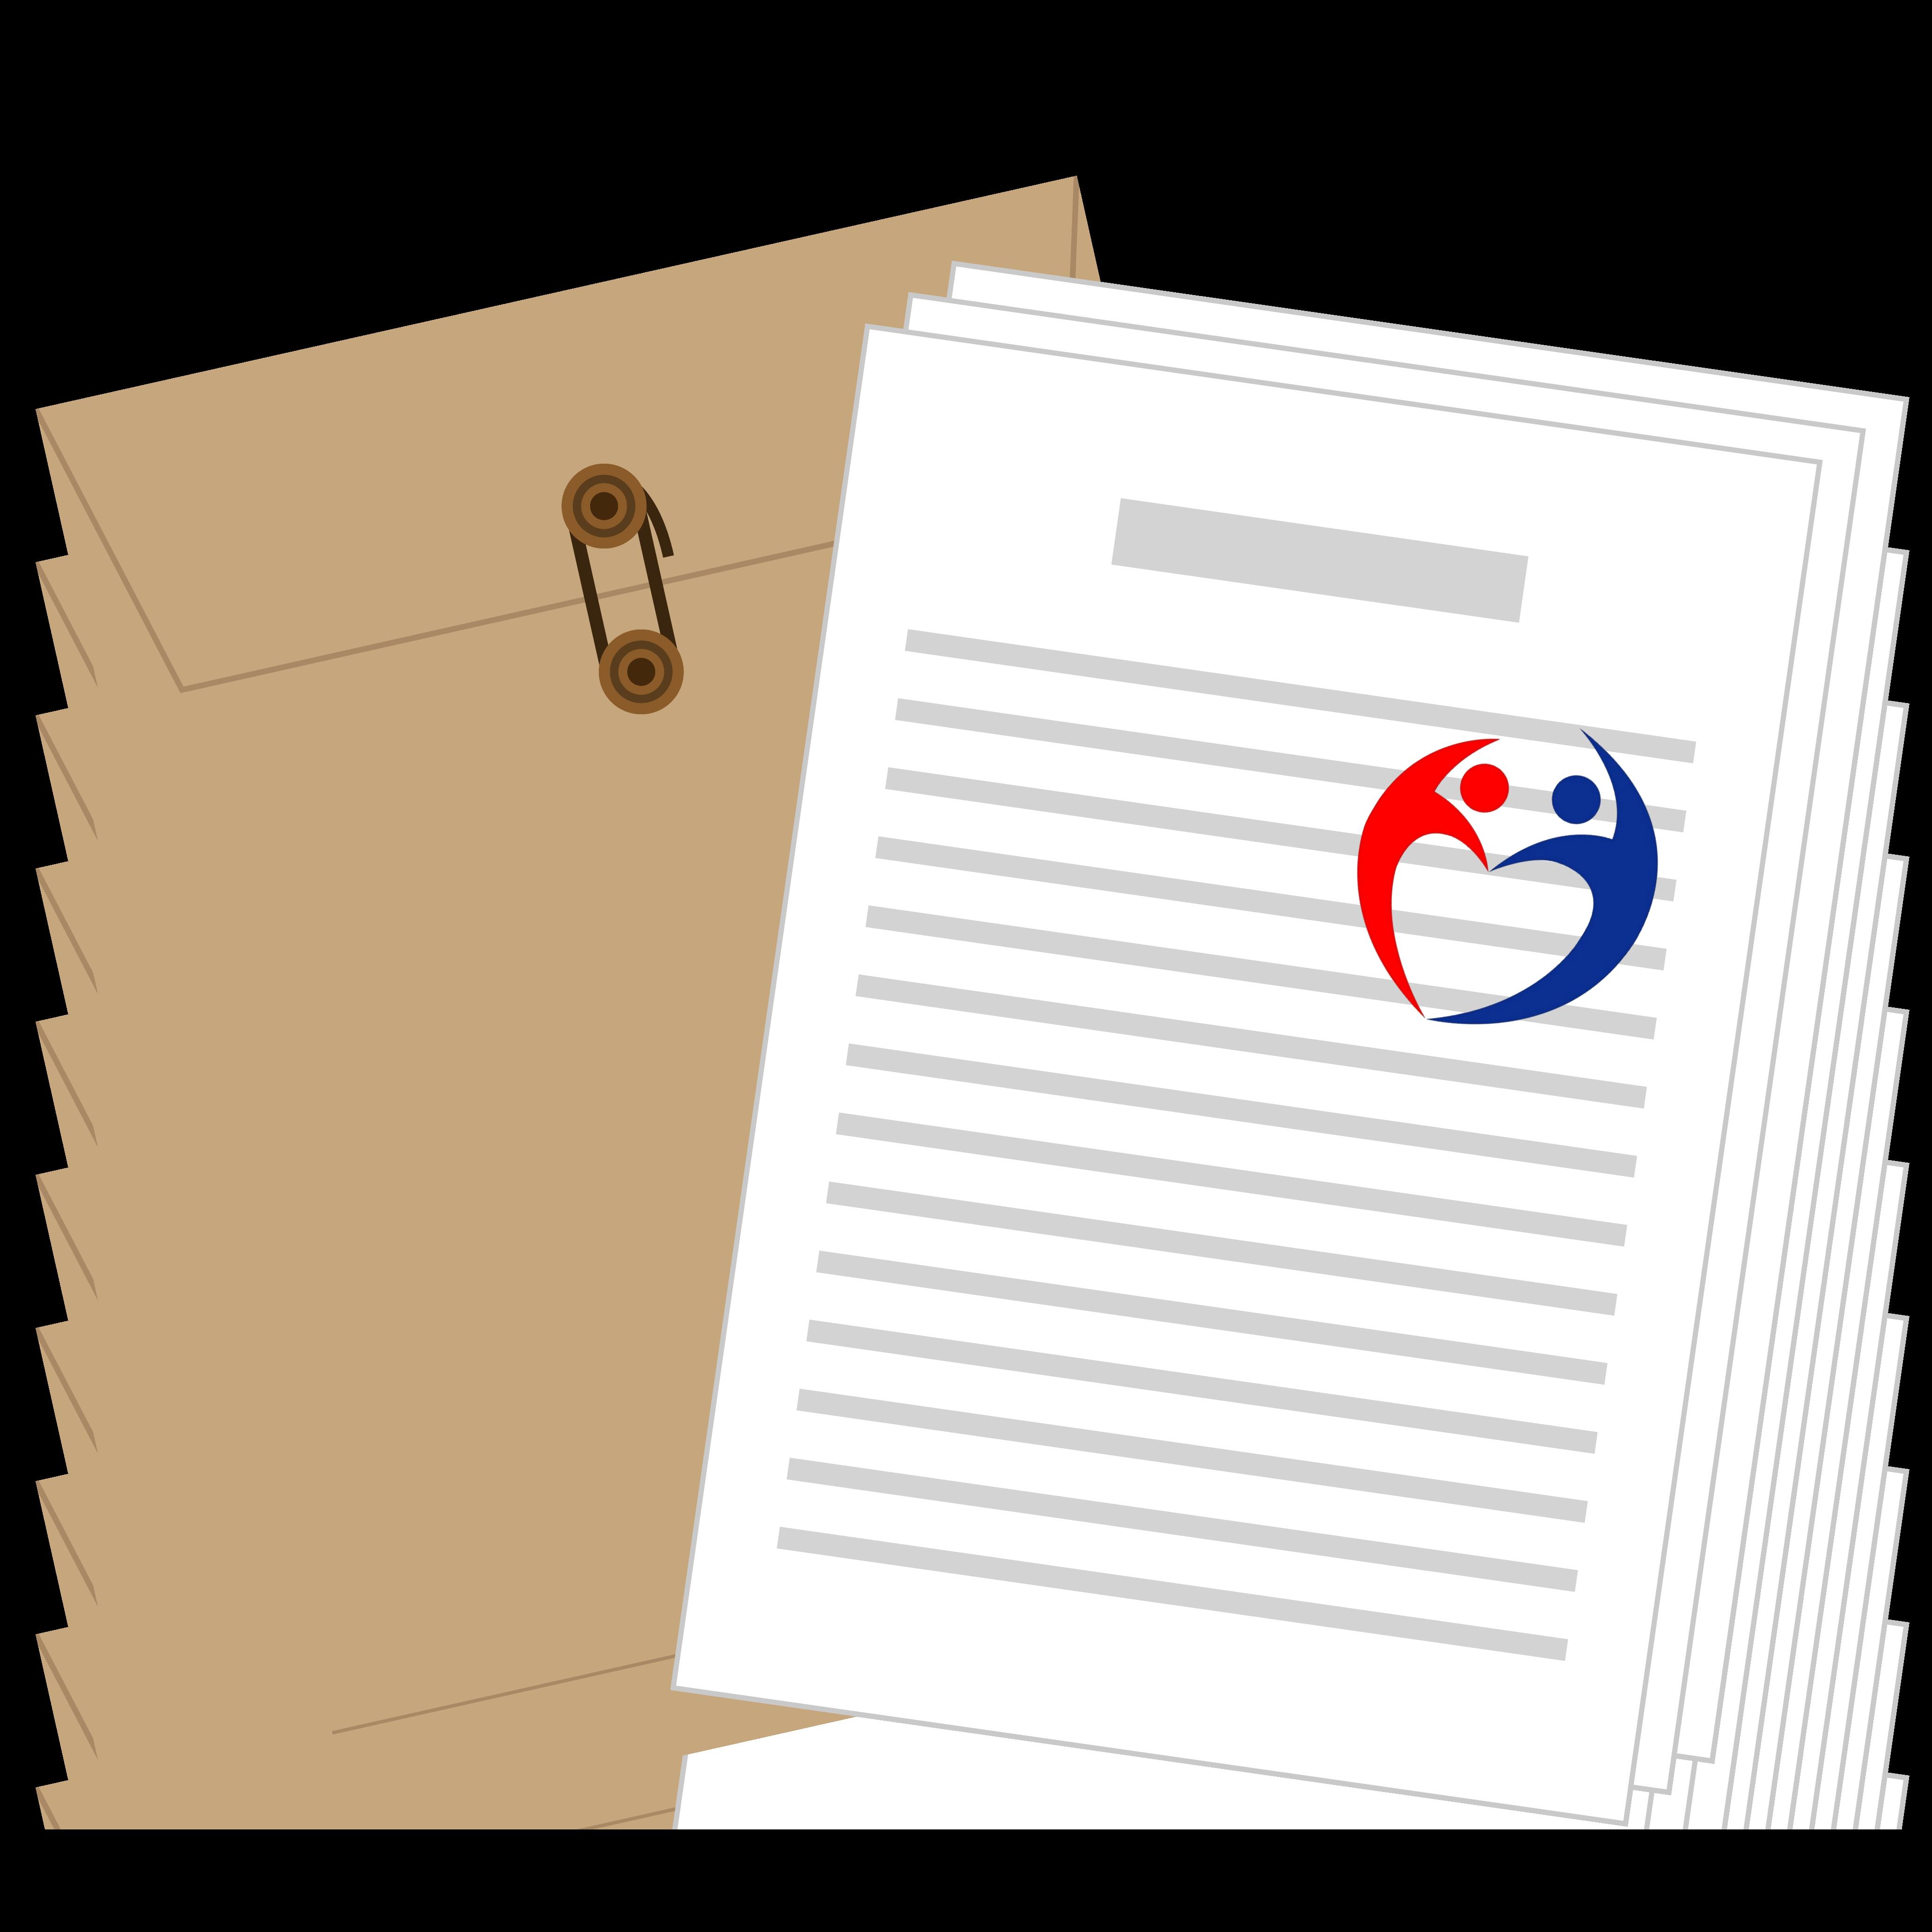 新型コロナウイルス感染症に係る診療報酬上の臨時的な取扱い(その35)